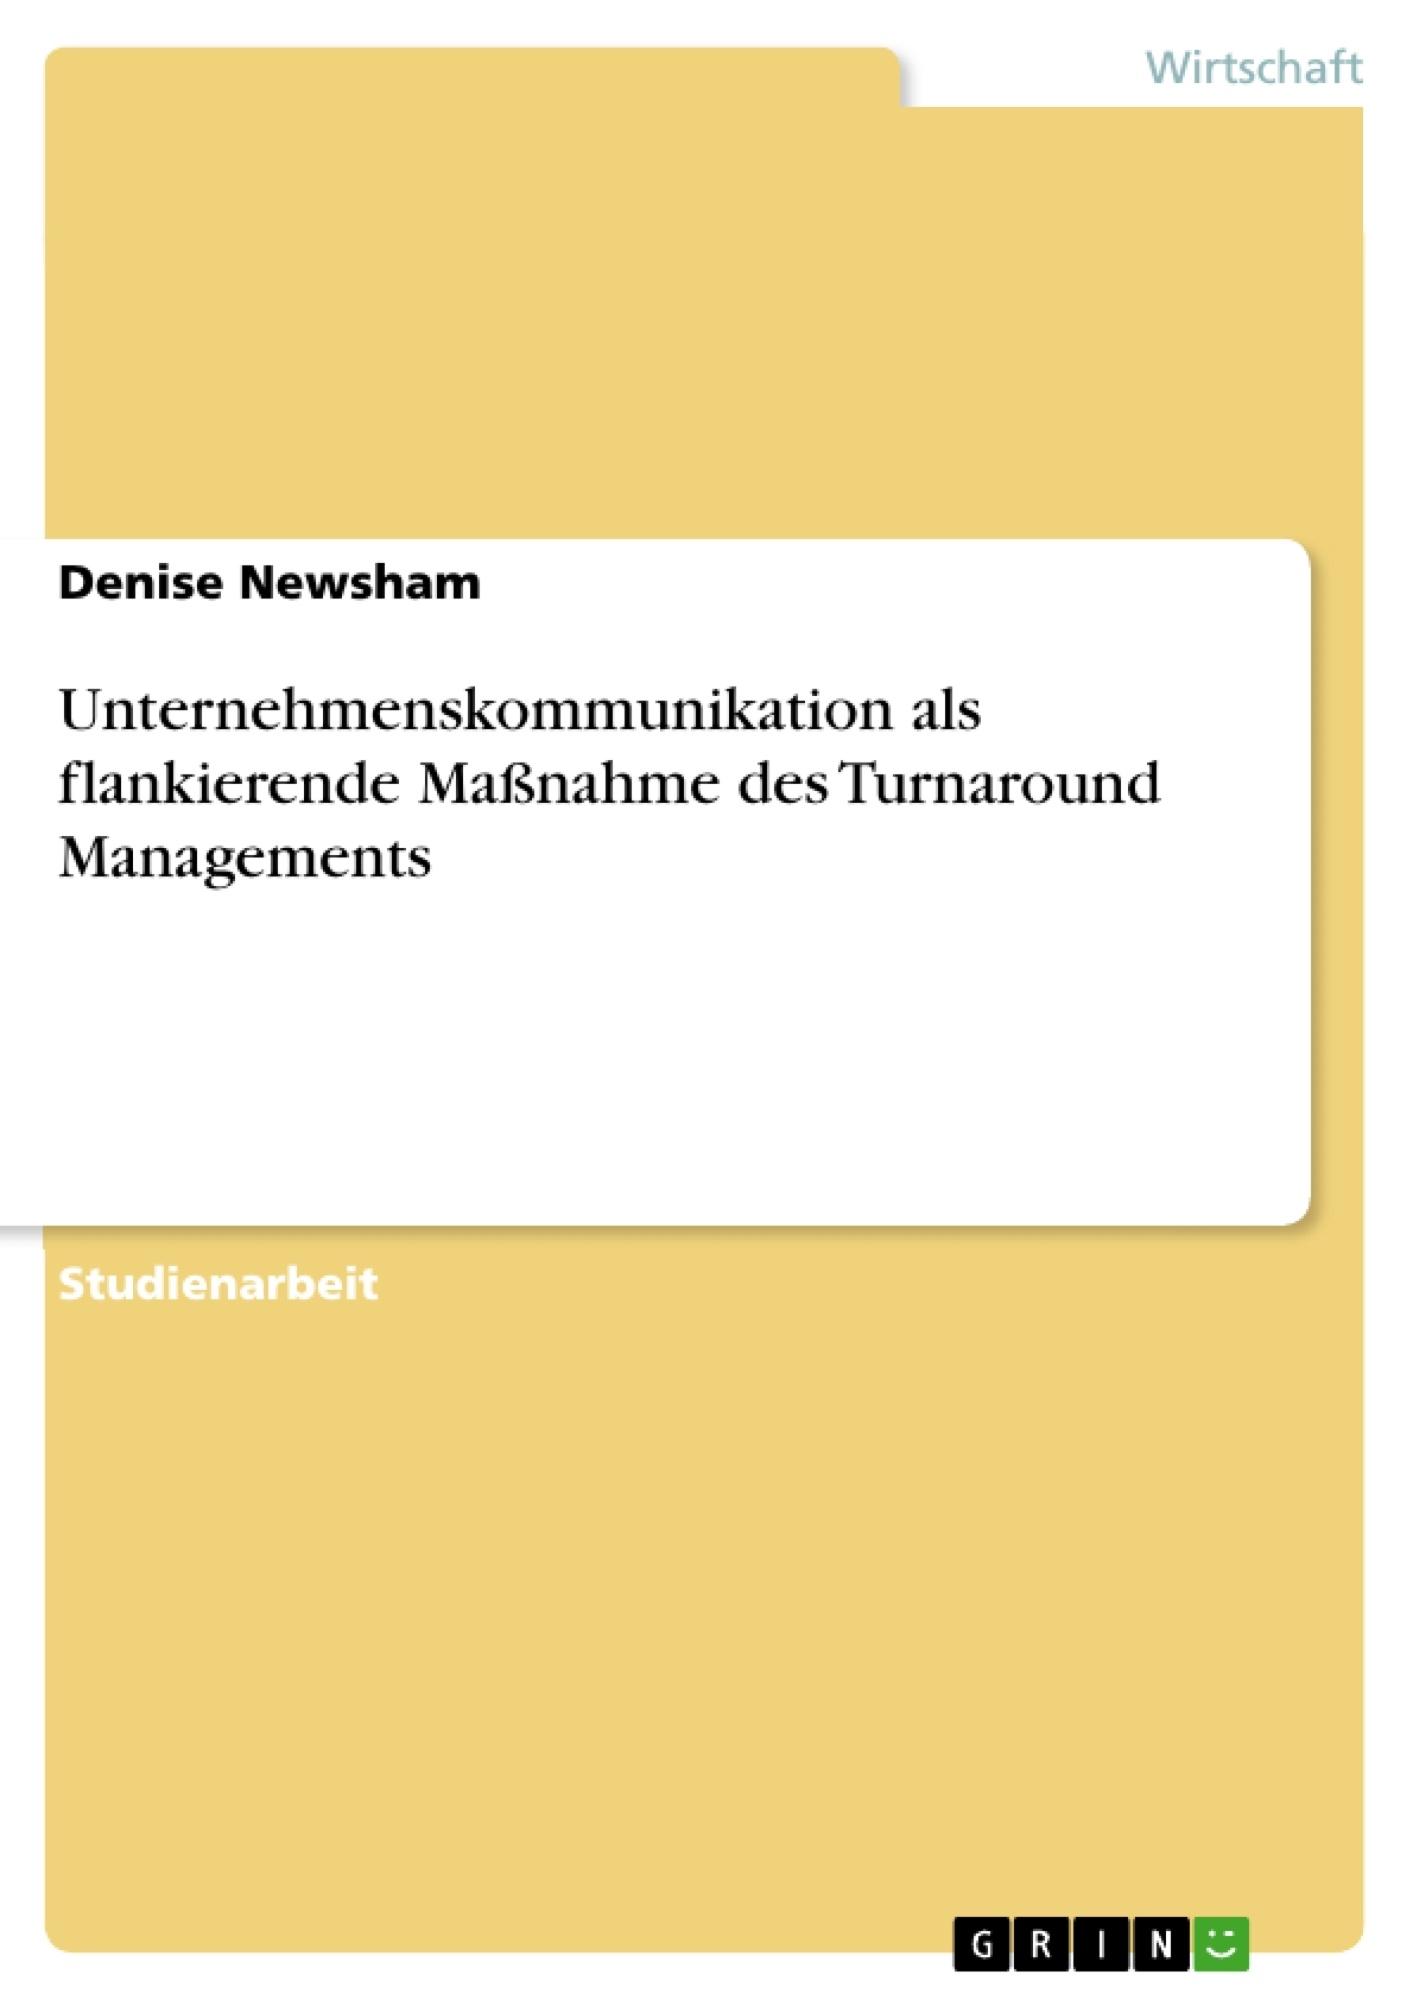 Titel: Unternehmenskommunikation als flankierende Maßnahme des Turnaround Managements